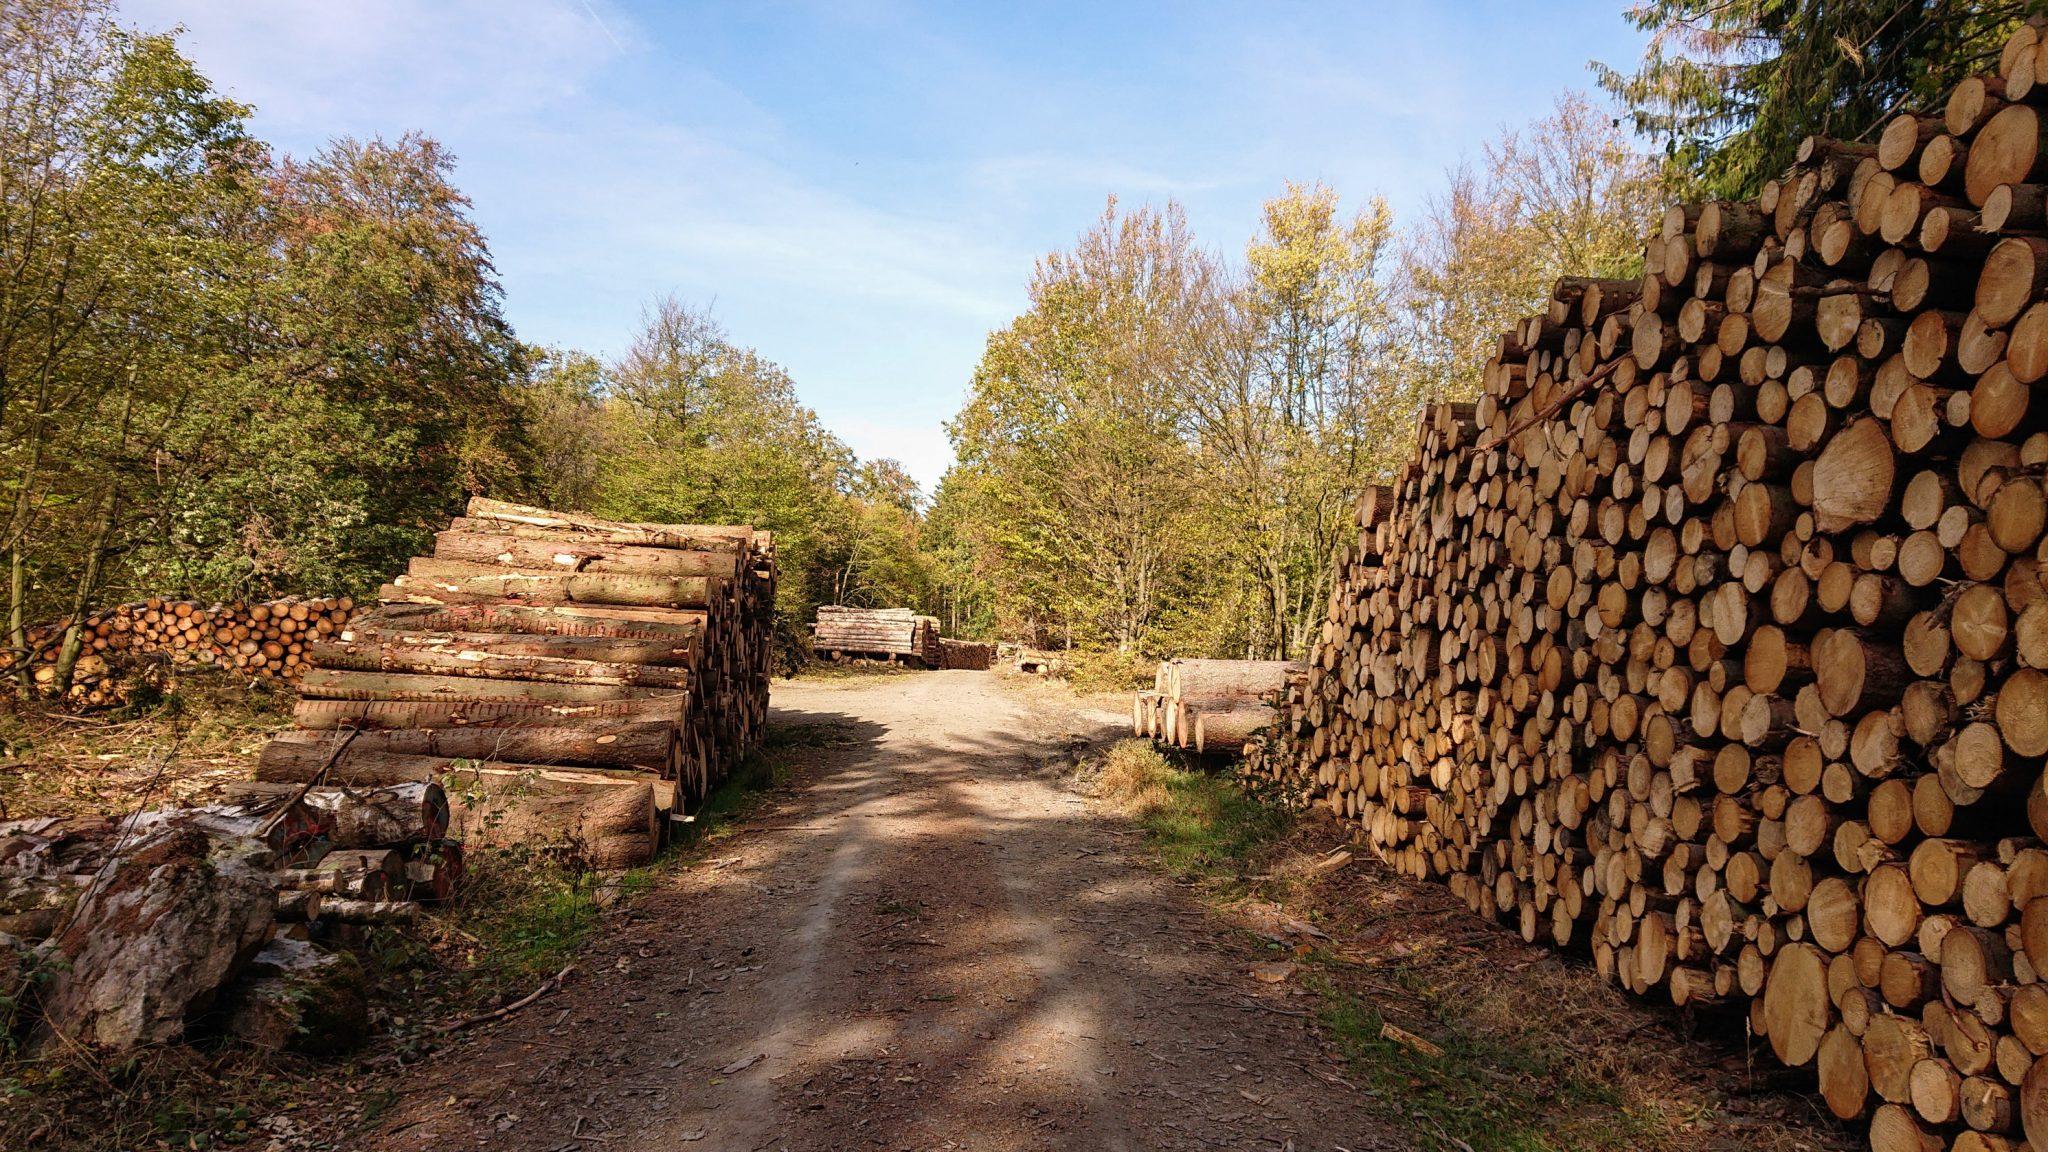 Rundwanderung Thale nach Treseburg - über Hexentanzplatz, Bodetal und Roßtrappe, Forstweg zwischen Thale und Treseburg, abgeholzte Bäume am Straßenrand